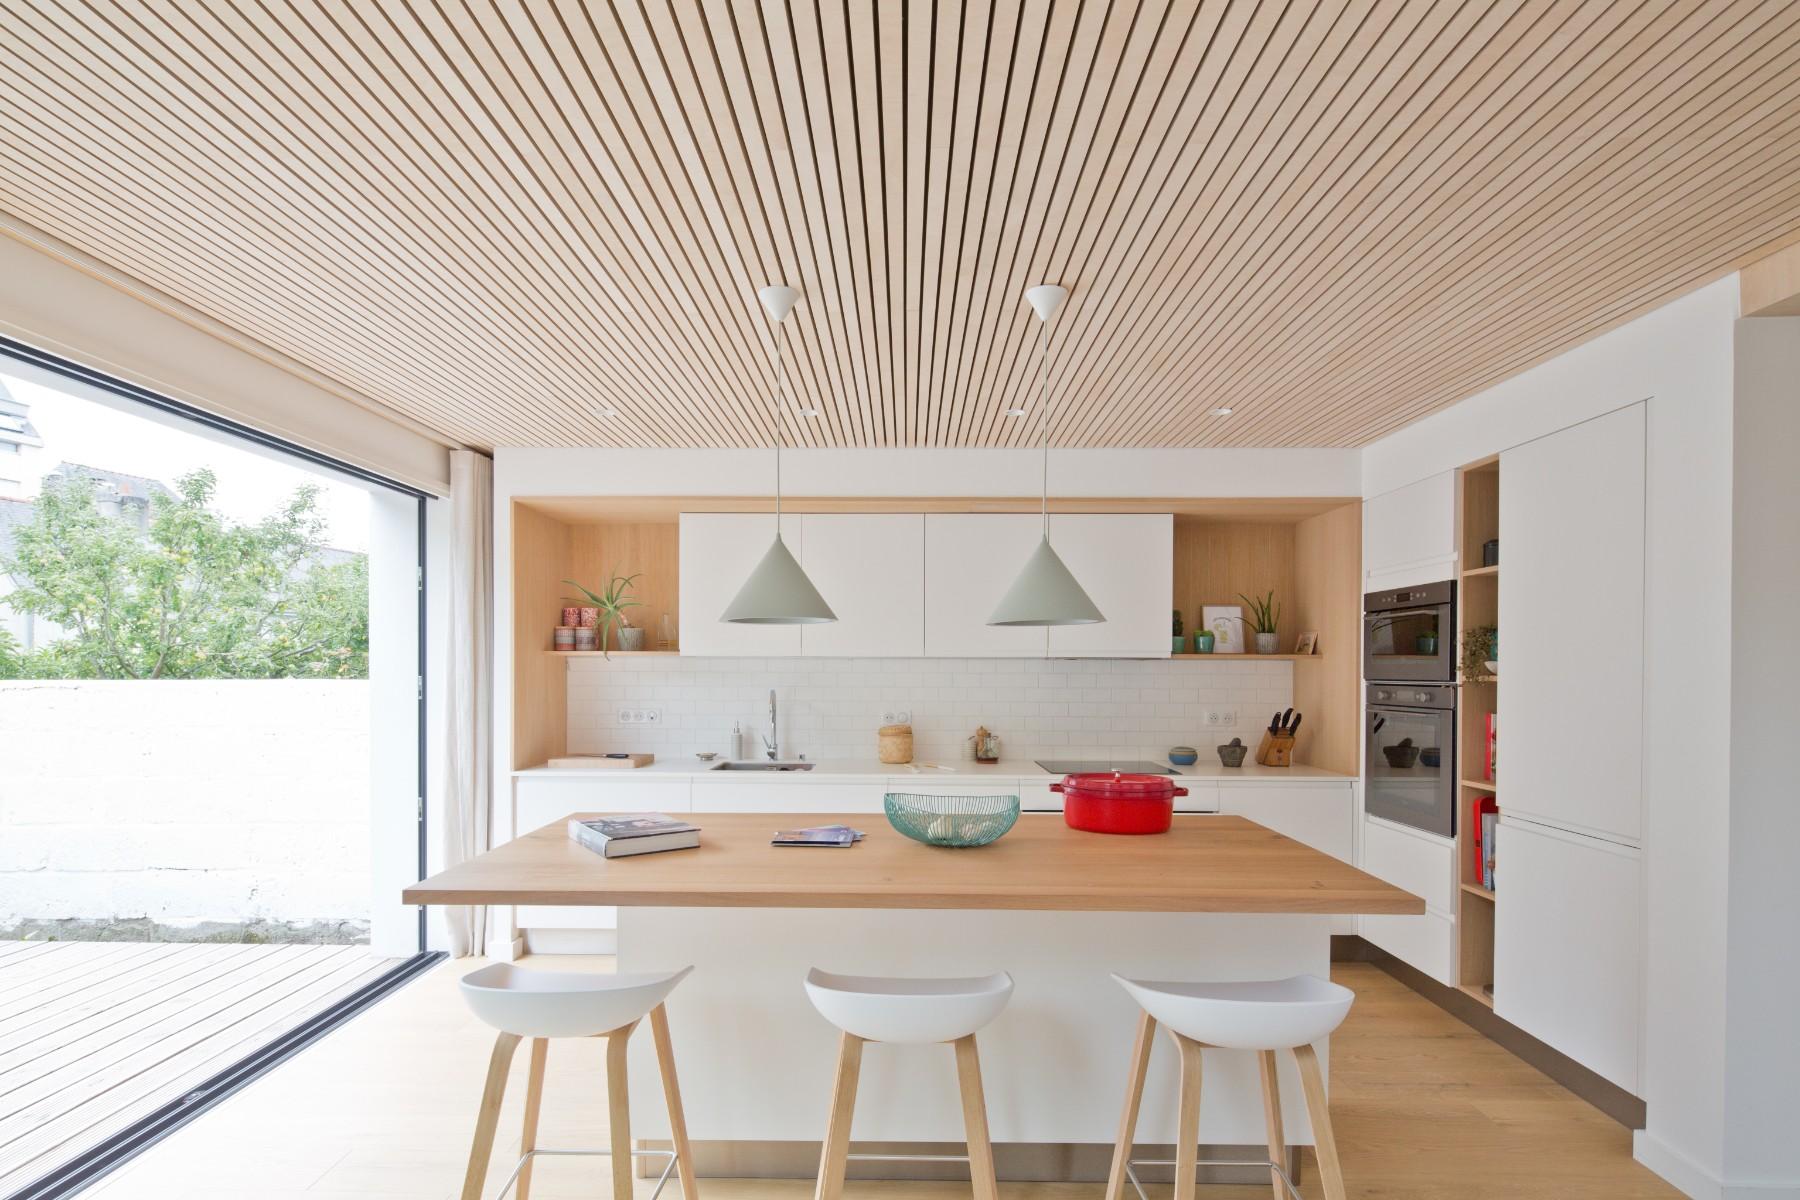 Rénovation d'une maison à Quimper par Archibien et son architecte - la cuisine